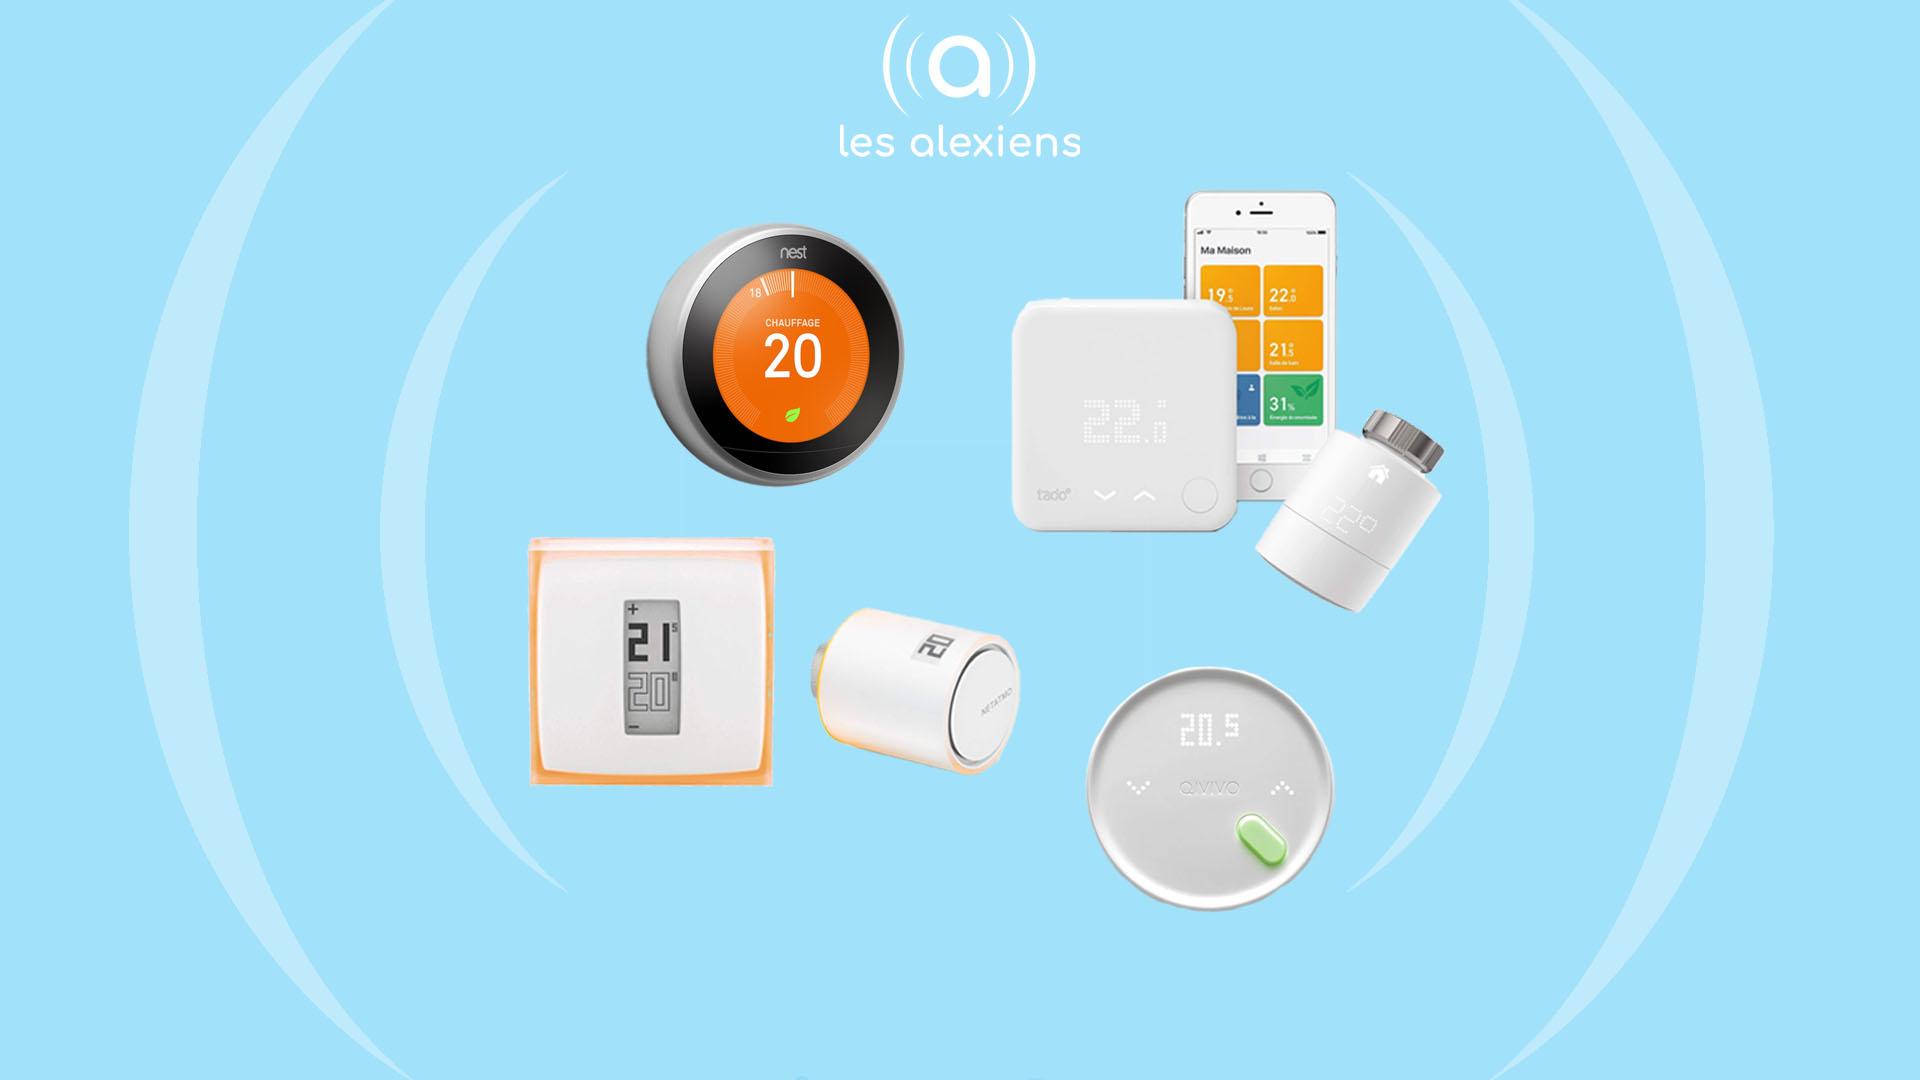 Dossier Les Thermostats Connectes Compatibles Alexa Les Alexiens